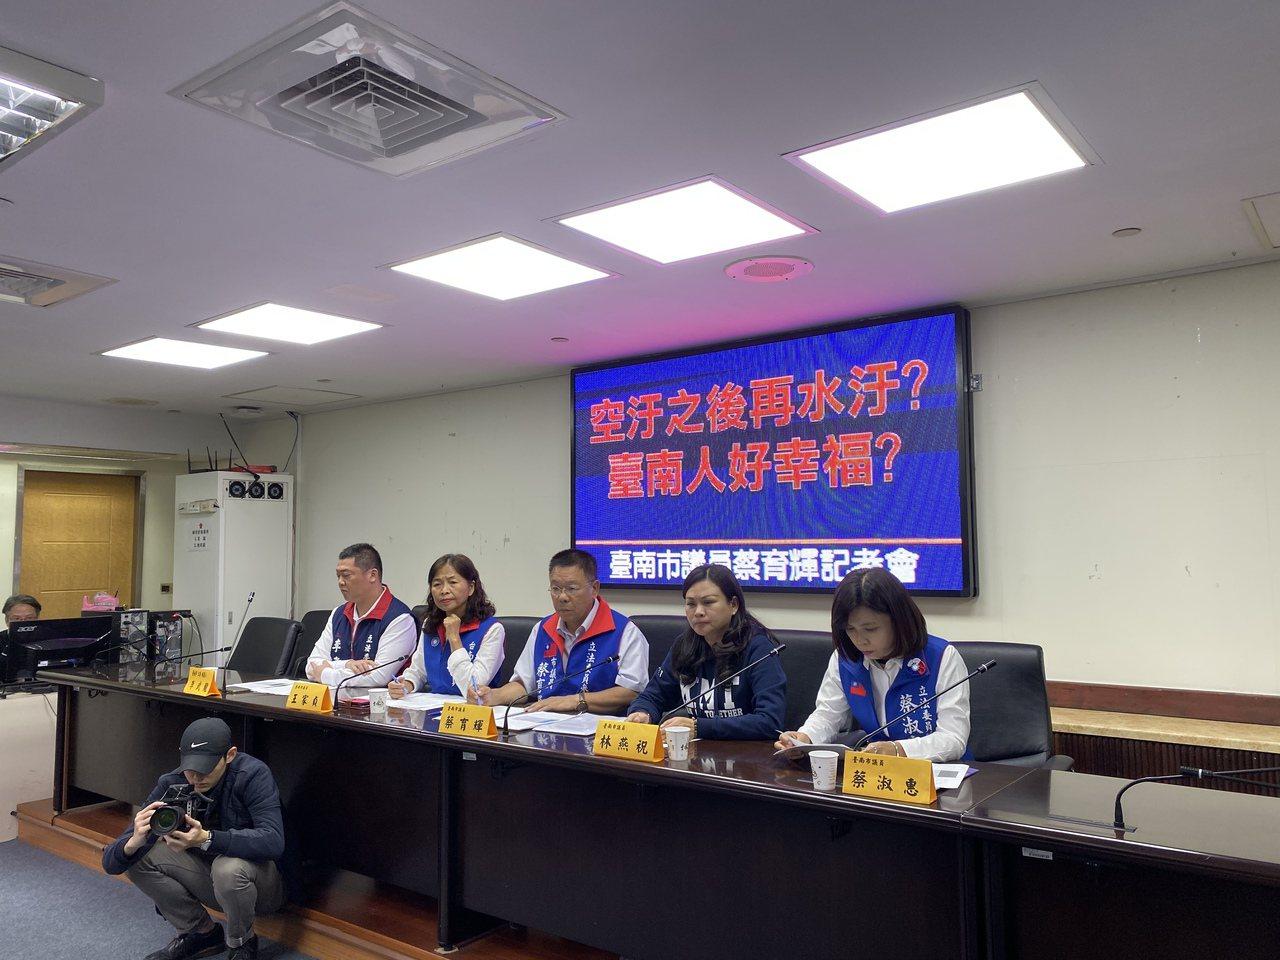 台南市議會國民黨籍議員昨天召開記者會反對在烏山頭水庫種太陽能光電板。記者修瑞瑩/...